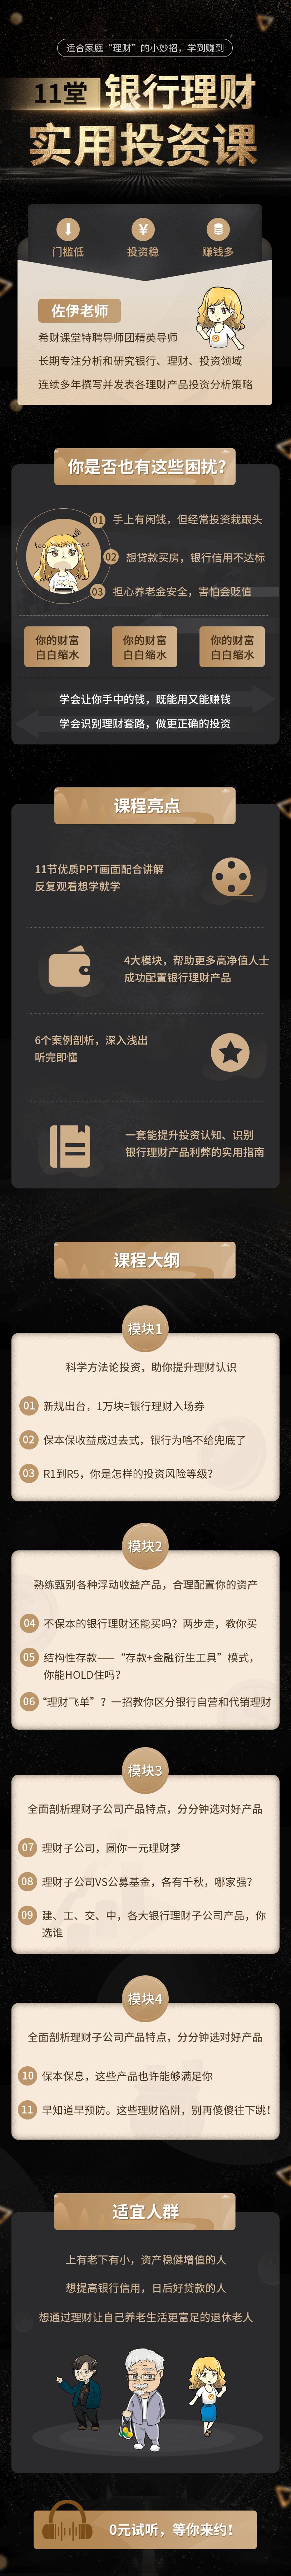 11堂银行理财实用投资课.png